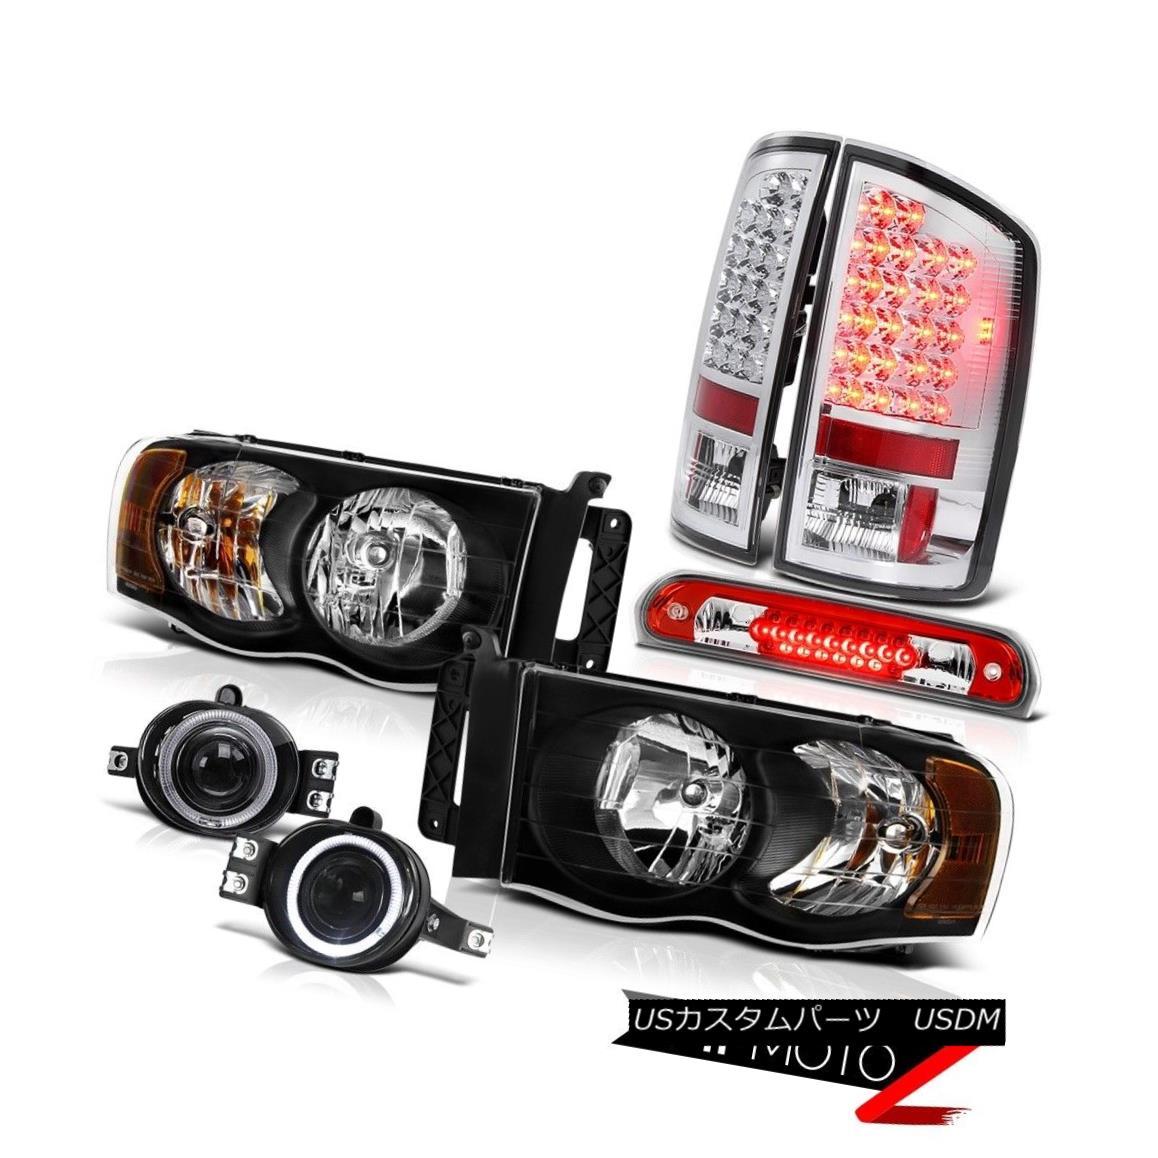 テールライト 02 03 04 05 Dodge Ram Headlights LED Taillamps Projector Bumper Roof Brake Cargo 02 03 04 05ダッジラムヘッドライトLEDタイルランププロジェクターバンパールーフブレーキカーゴ